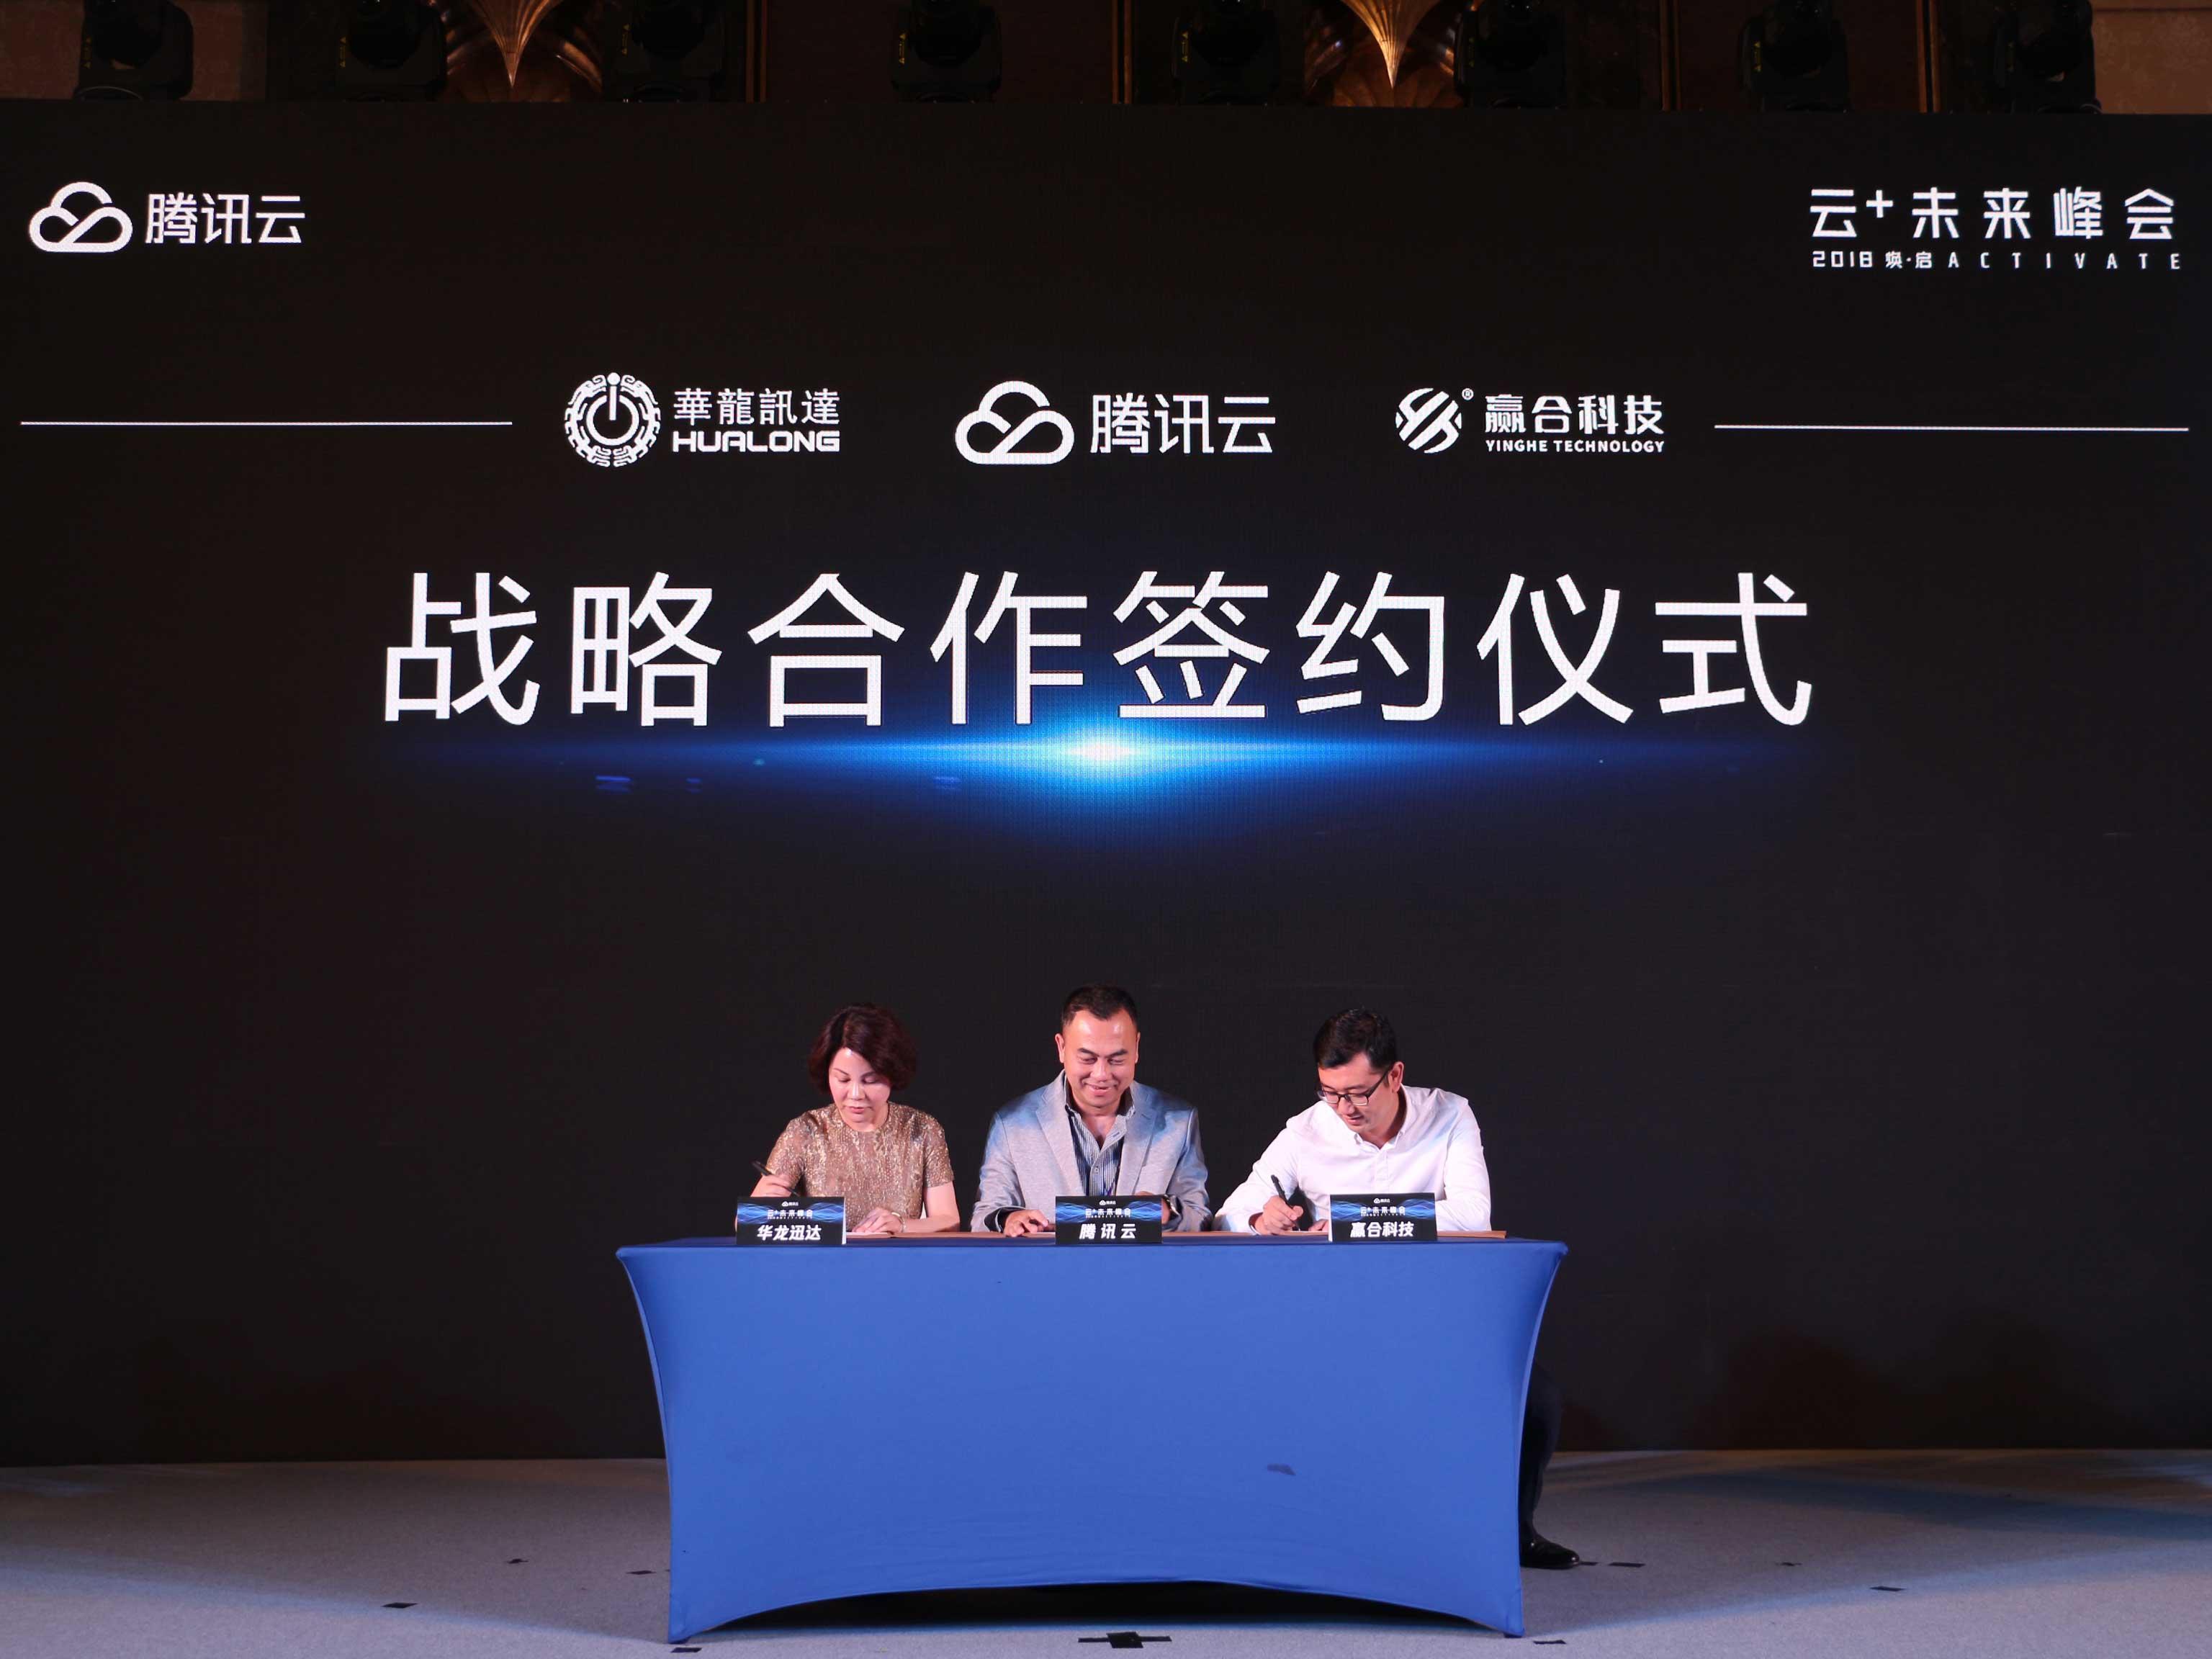 华龙讯达与腾讯云、赢合科技强强联手打造锂电池装备工业互联网平台